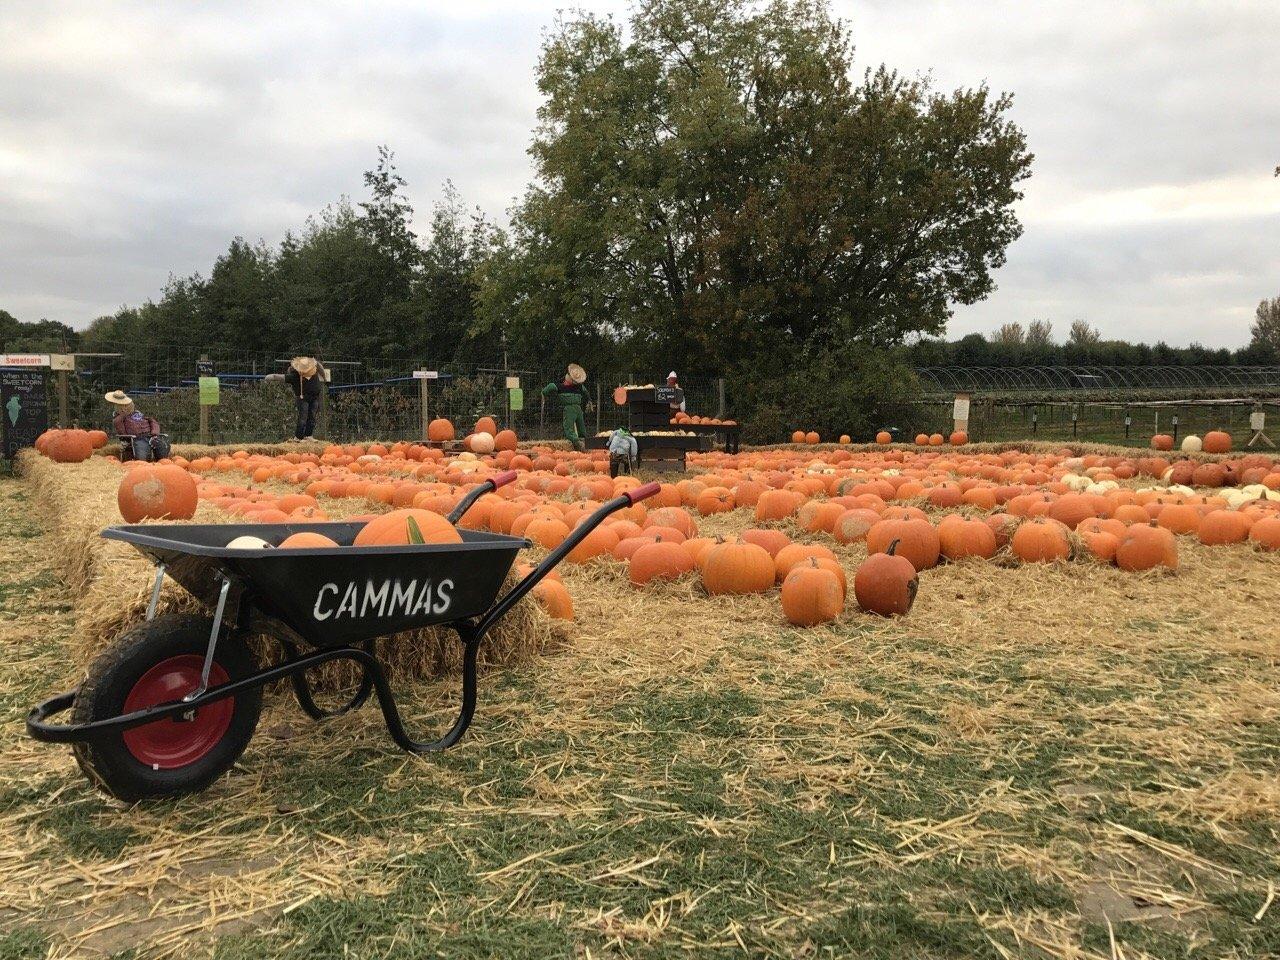 Cammas Hall pumpkins lines up on a grass field - pumpkin patches in Essex